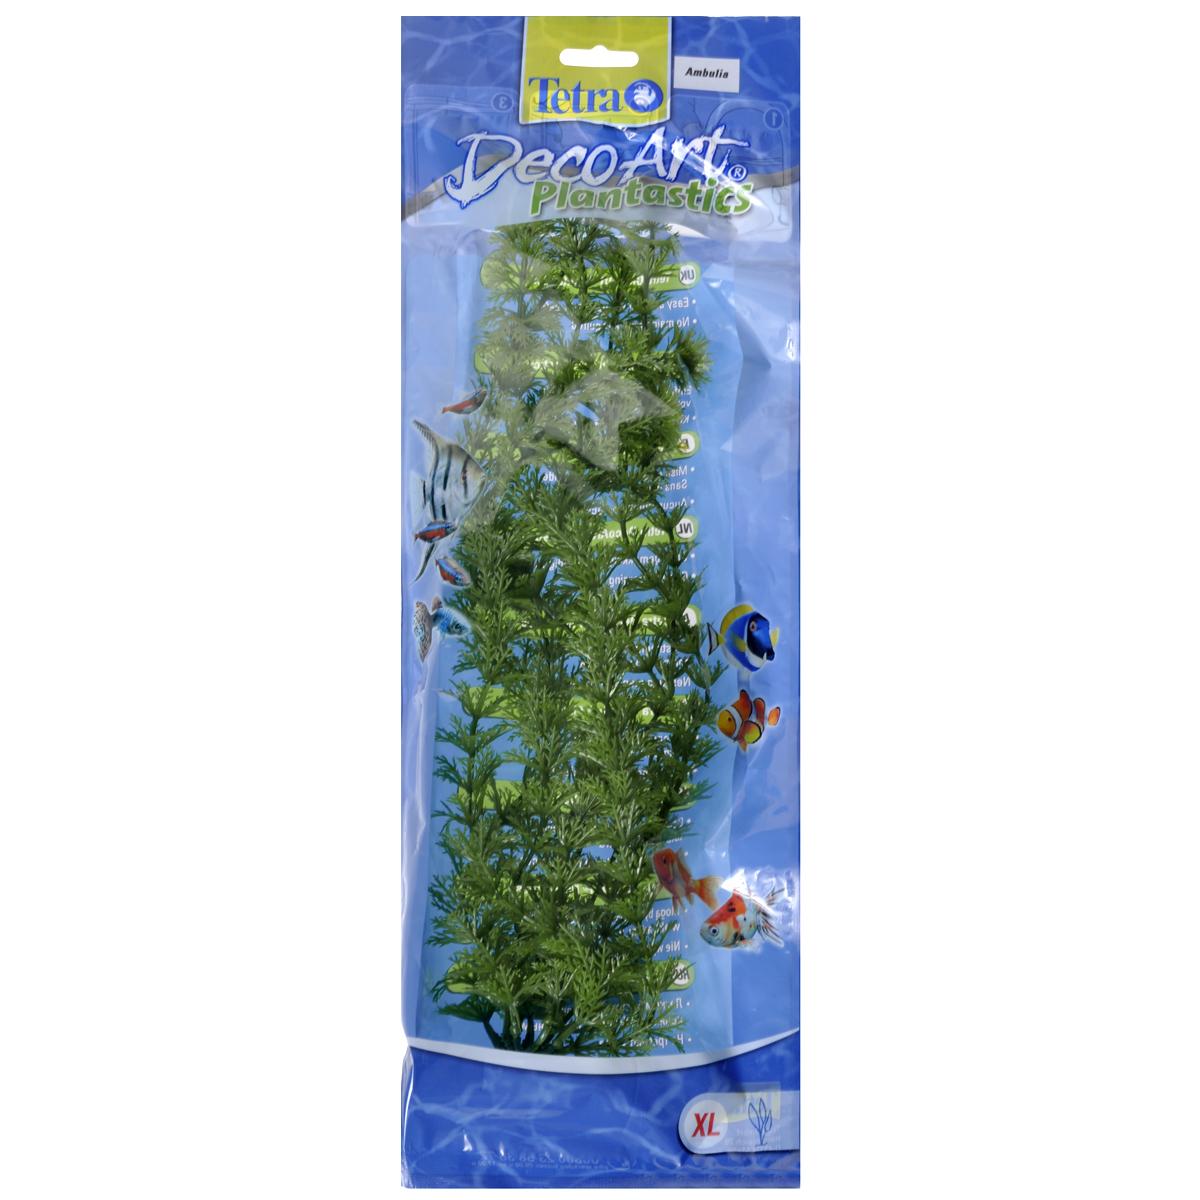 Искусственное растение для аквариума Tetra Амбулия XL607071Это растение хорошо подойдет для оформления аквариума. Естественно выглядящее искусственное растение; Для использования в любых аквариумах; Создает отличное место для укрытия (в т.ч. для метания икры); Легко и быстро устанавливается, является абсолютно безопасным; Не требует ухода; Долгое время не теряет форму и окраску. Высота растения: 38 см.